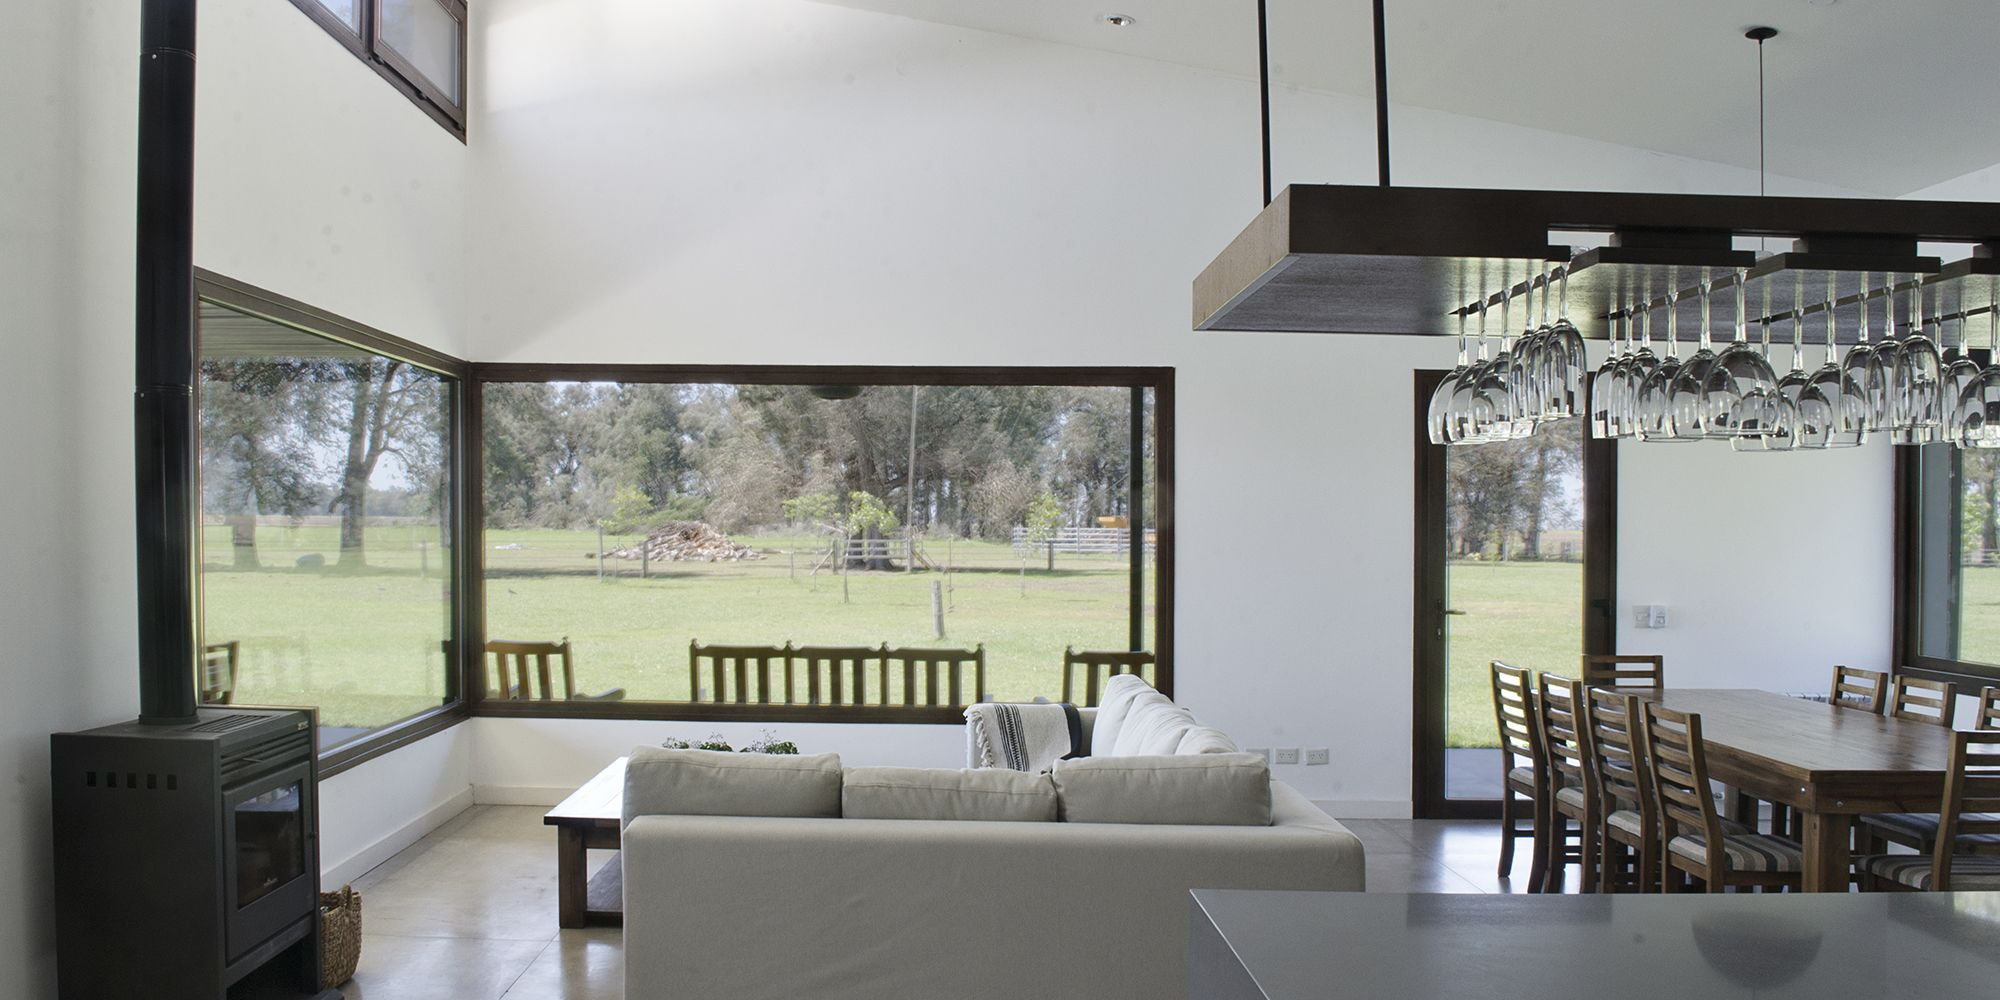 Casa cl living comedor y cocina integrados cocina for Living y cocina integrados